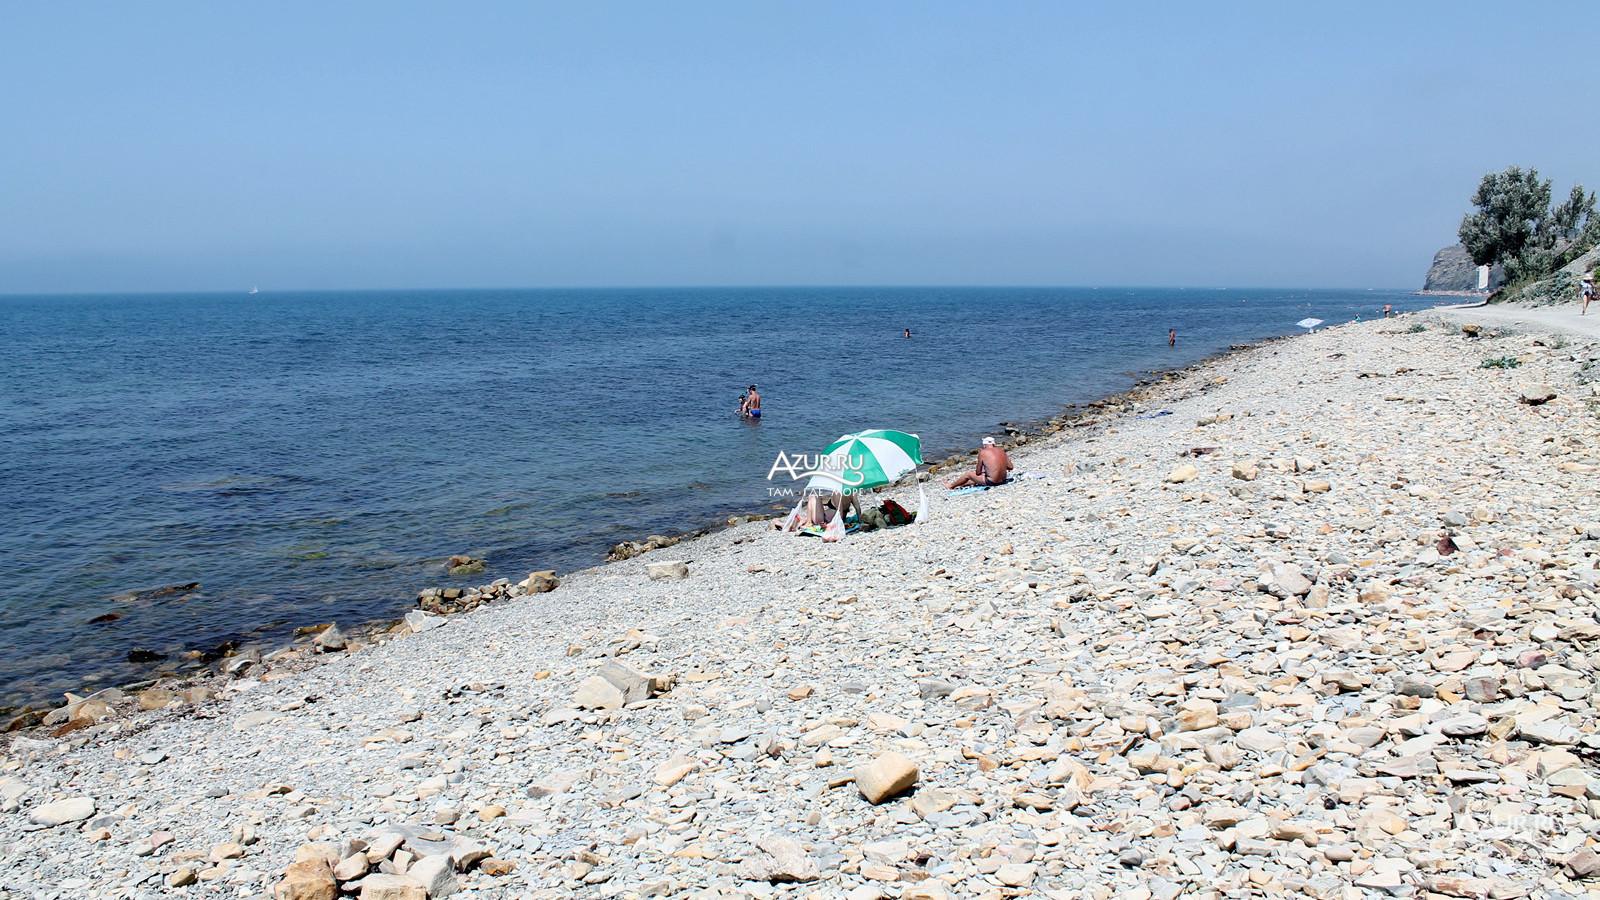 день дикий пляж в анапе фото короедом или шубой